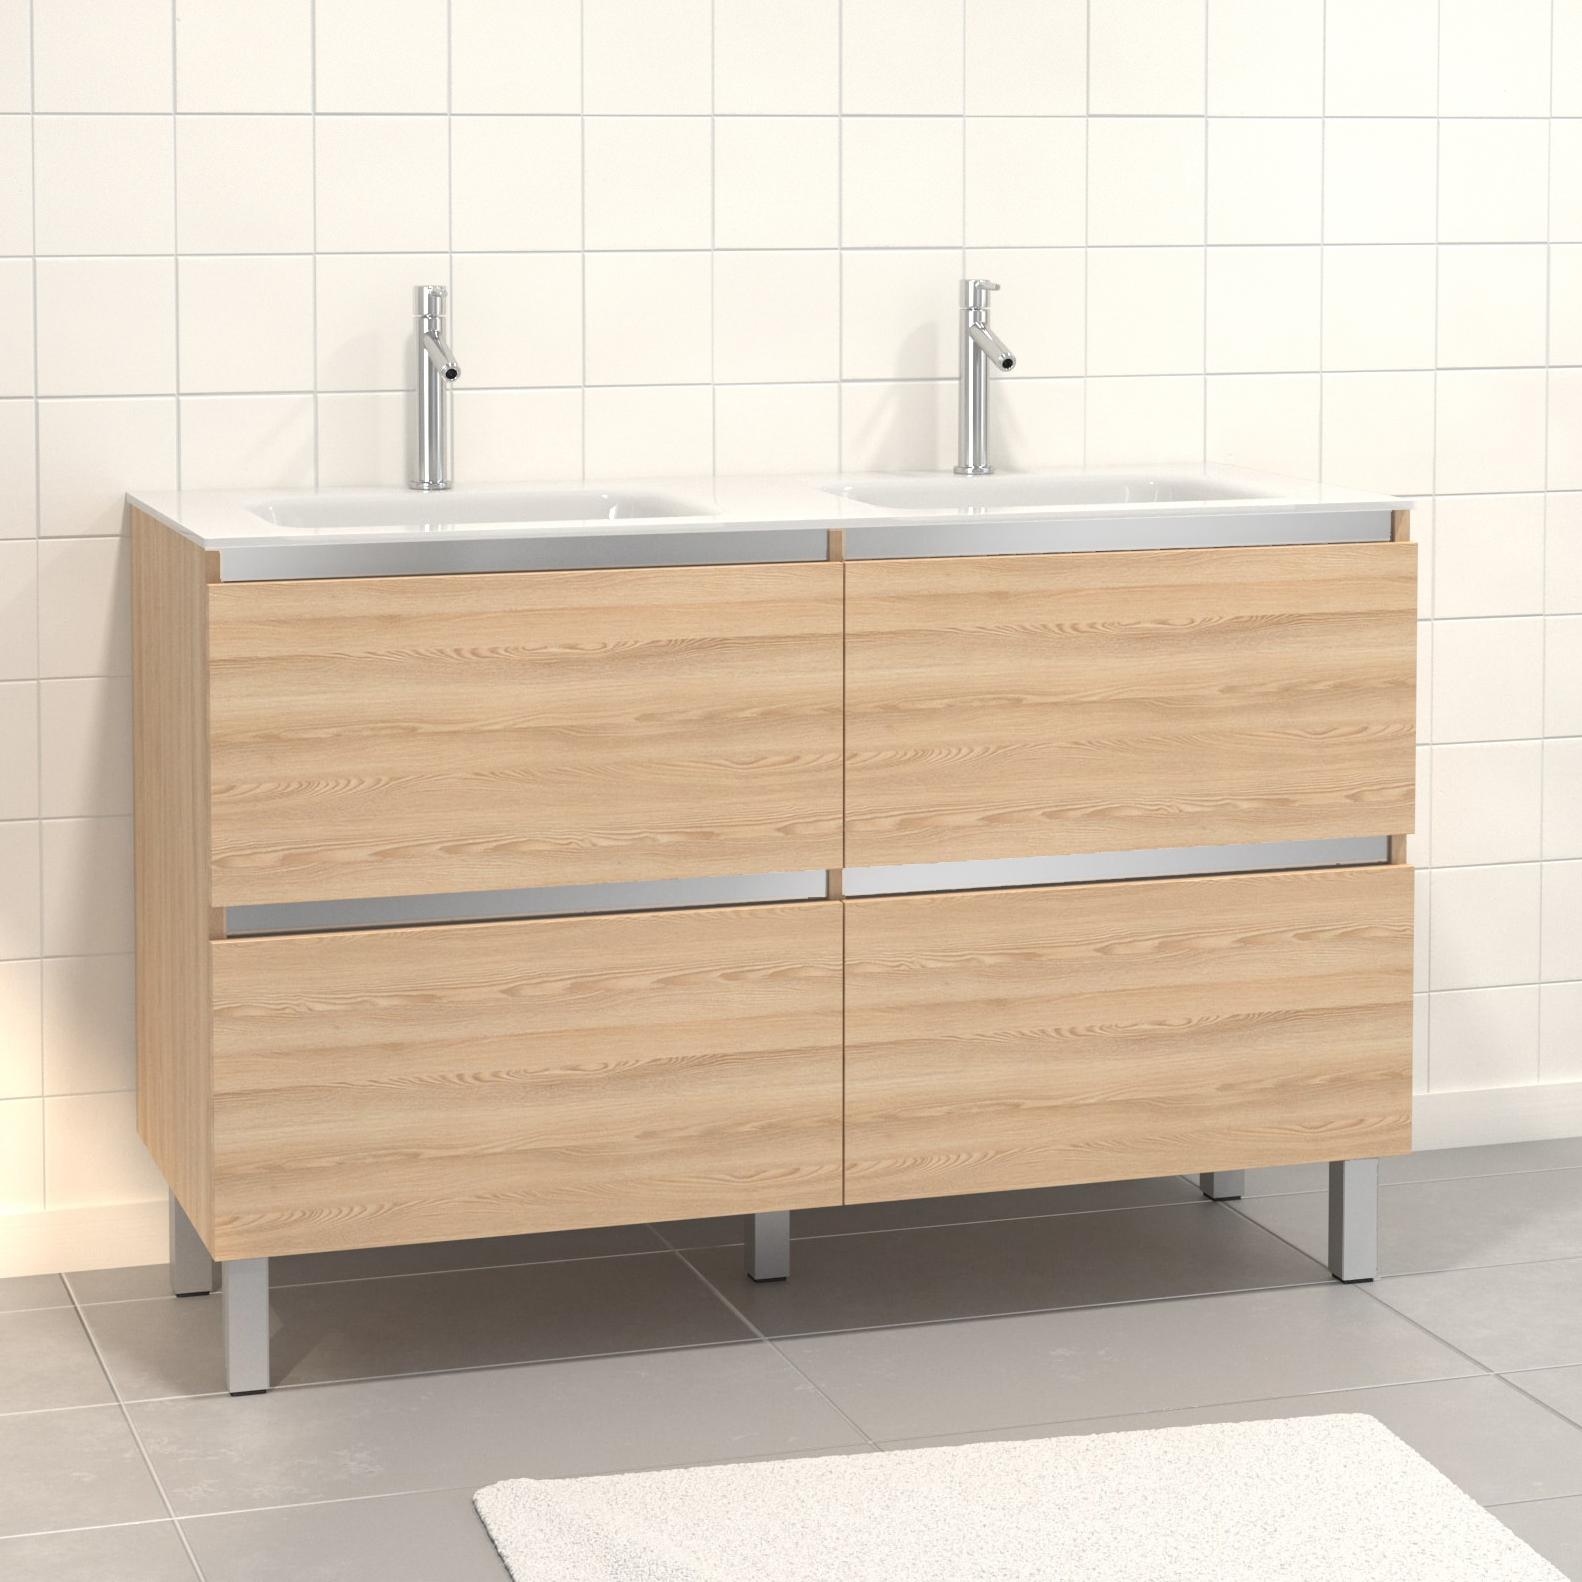 Pack Meuble de salle de bain 130x50 cm MDF Chêne blond - 2 Tiroirs + vasque verre blanc